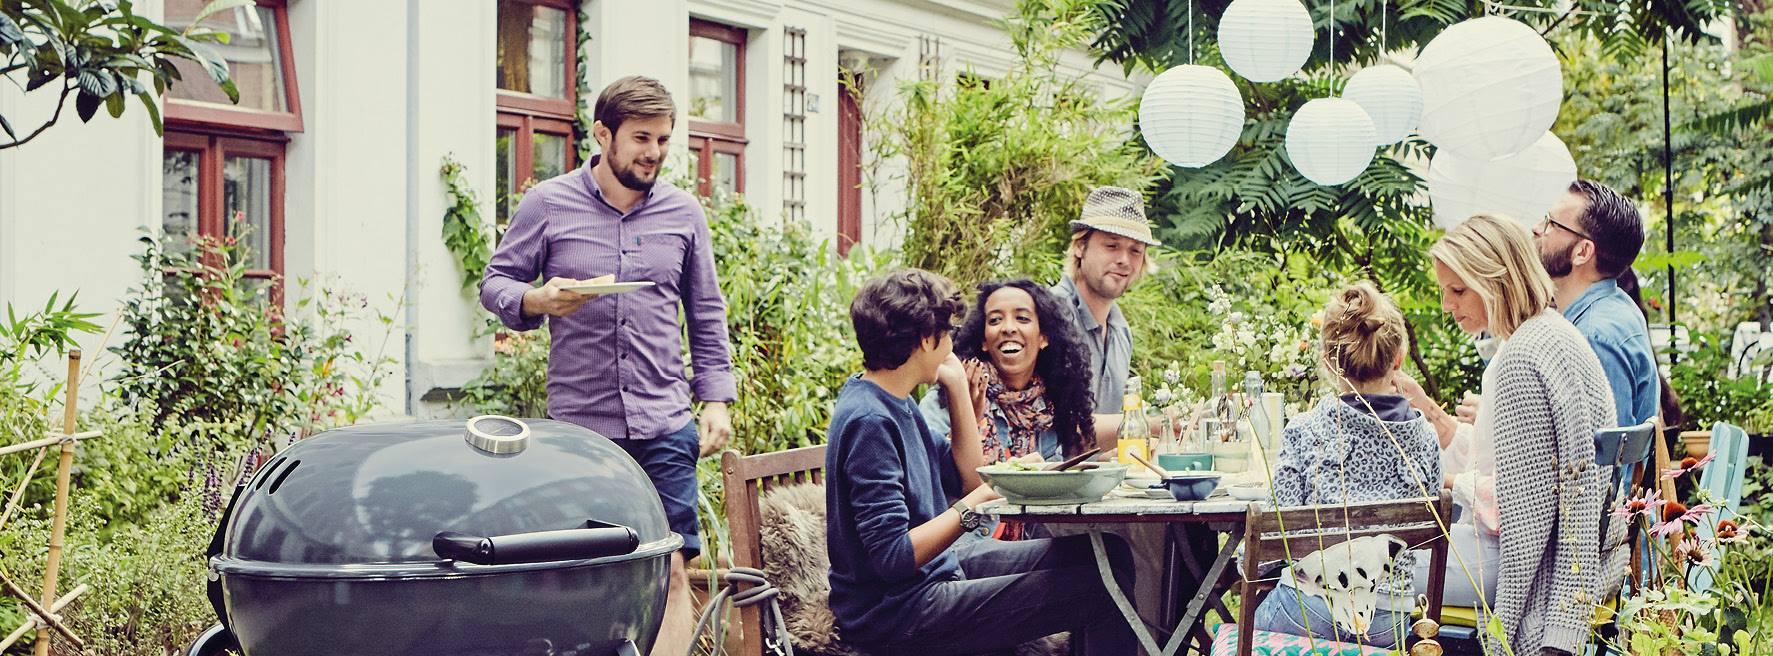 Mit diesen 10 Grill-Gadgets werdet ihr zum Grillmeister | cw-mobile.de